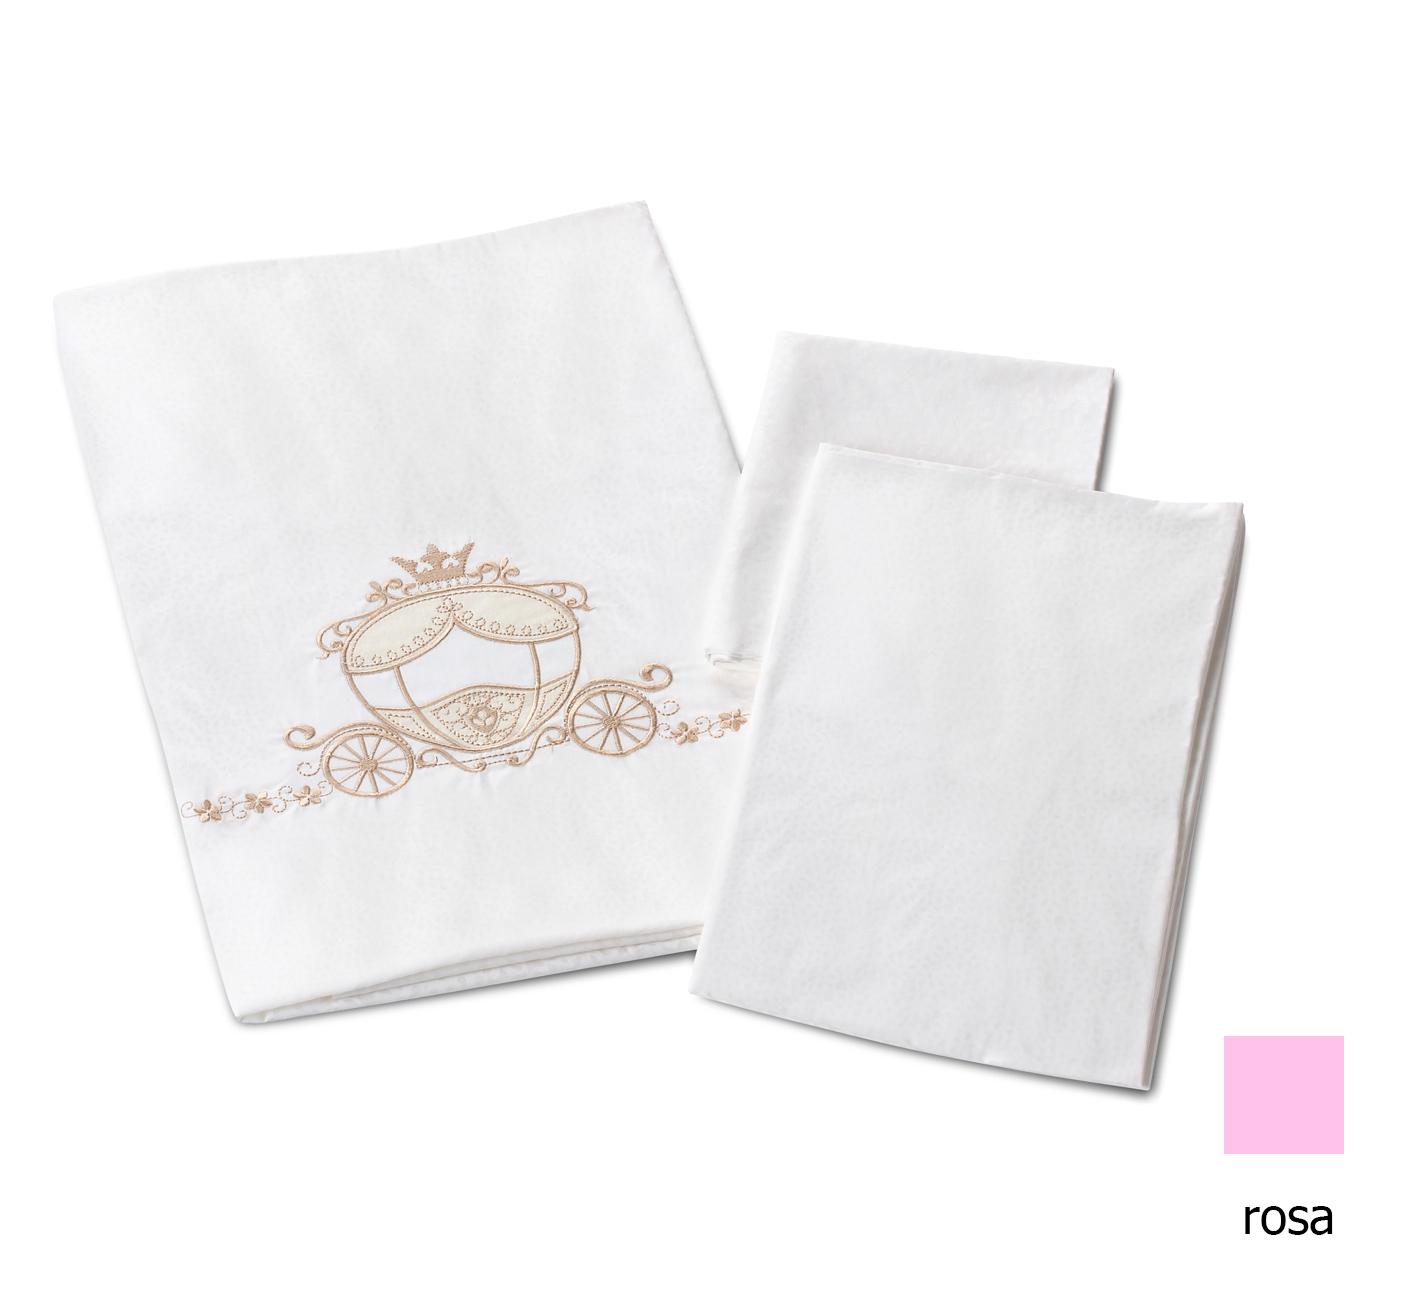 Комплект в кроватку Prestigio Pizzo, 6 предметов, rosaДетское постельное белье<br>Комплект в кроватку Prestigio Pizzo, 6 предметов, rosa<br>